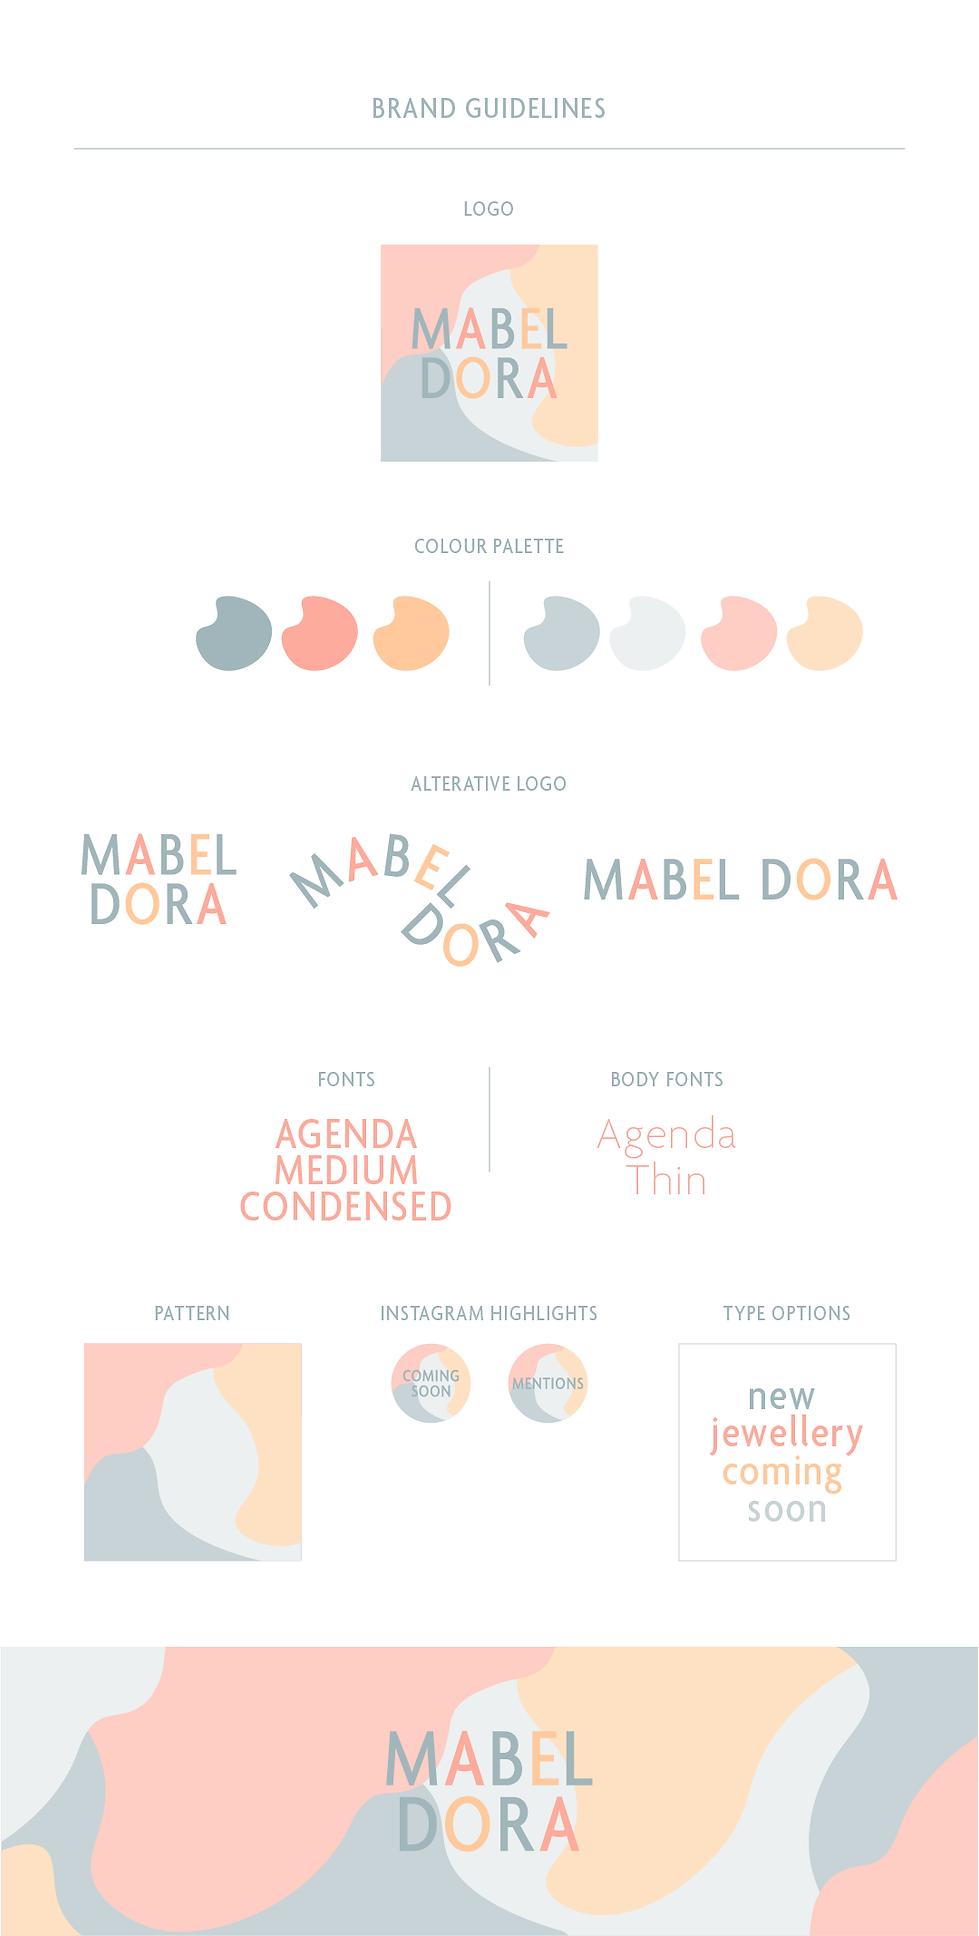 Mabel Dora_Brand Guidelines.png